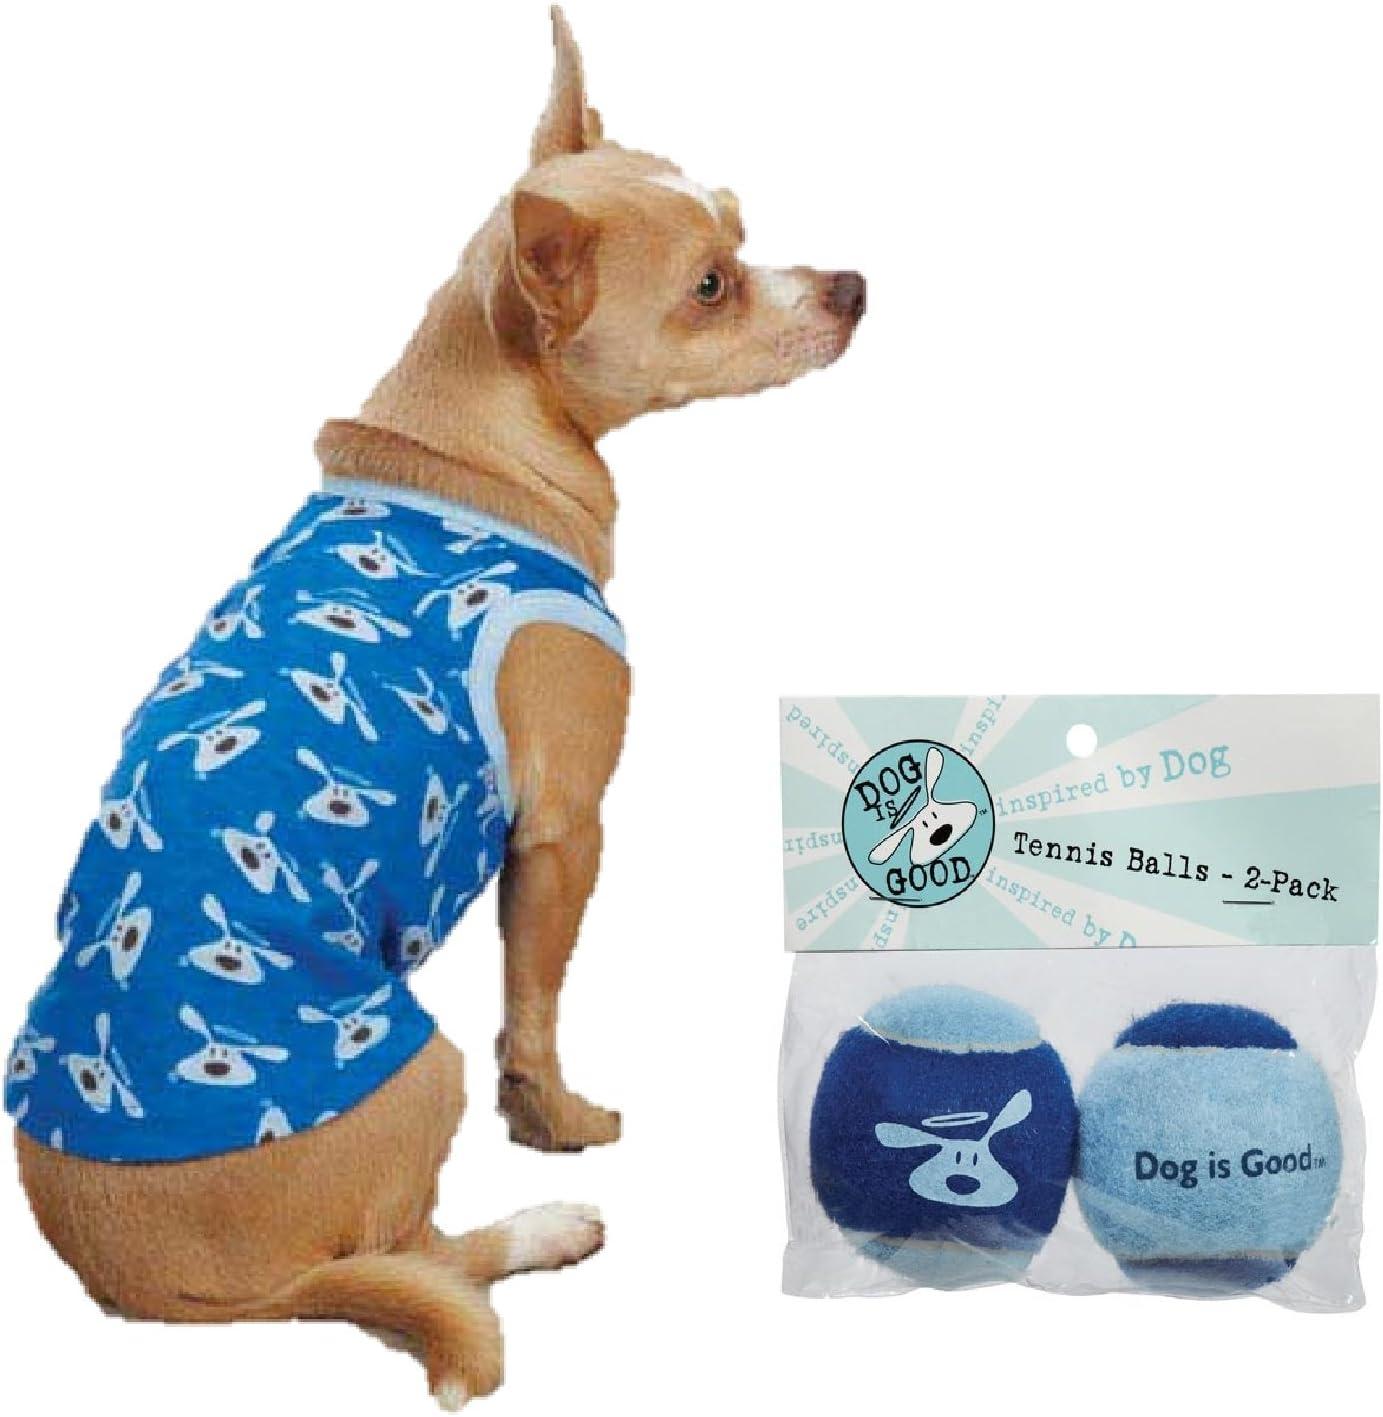 Bundle angelfalls/skydiver blue perro es buena bollo perro Tank Top y perro angelfalls/skydiver blue, ES Bueno pelotas de tenis – 2 Pack Dog Toy 2 piezas (Tamaño Grande): Amazon.es: Productos para mascotas